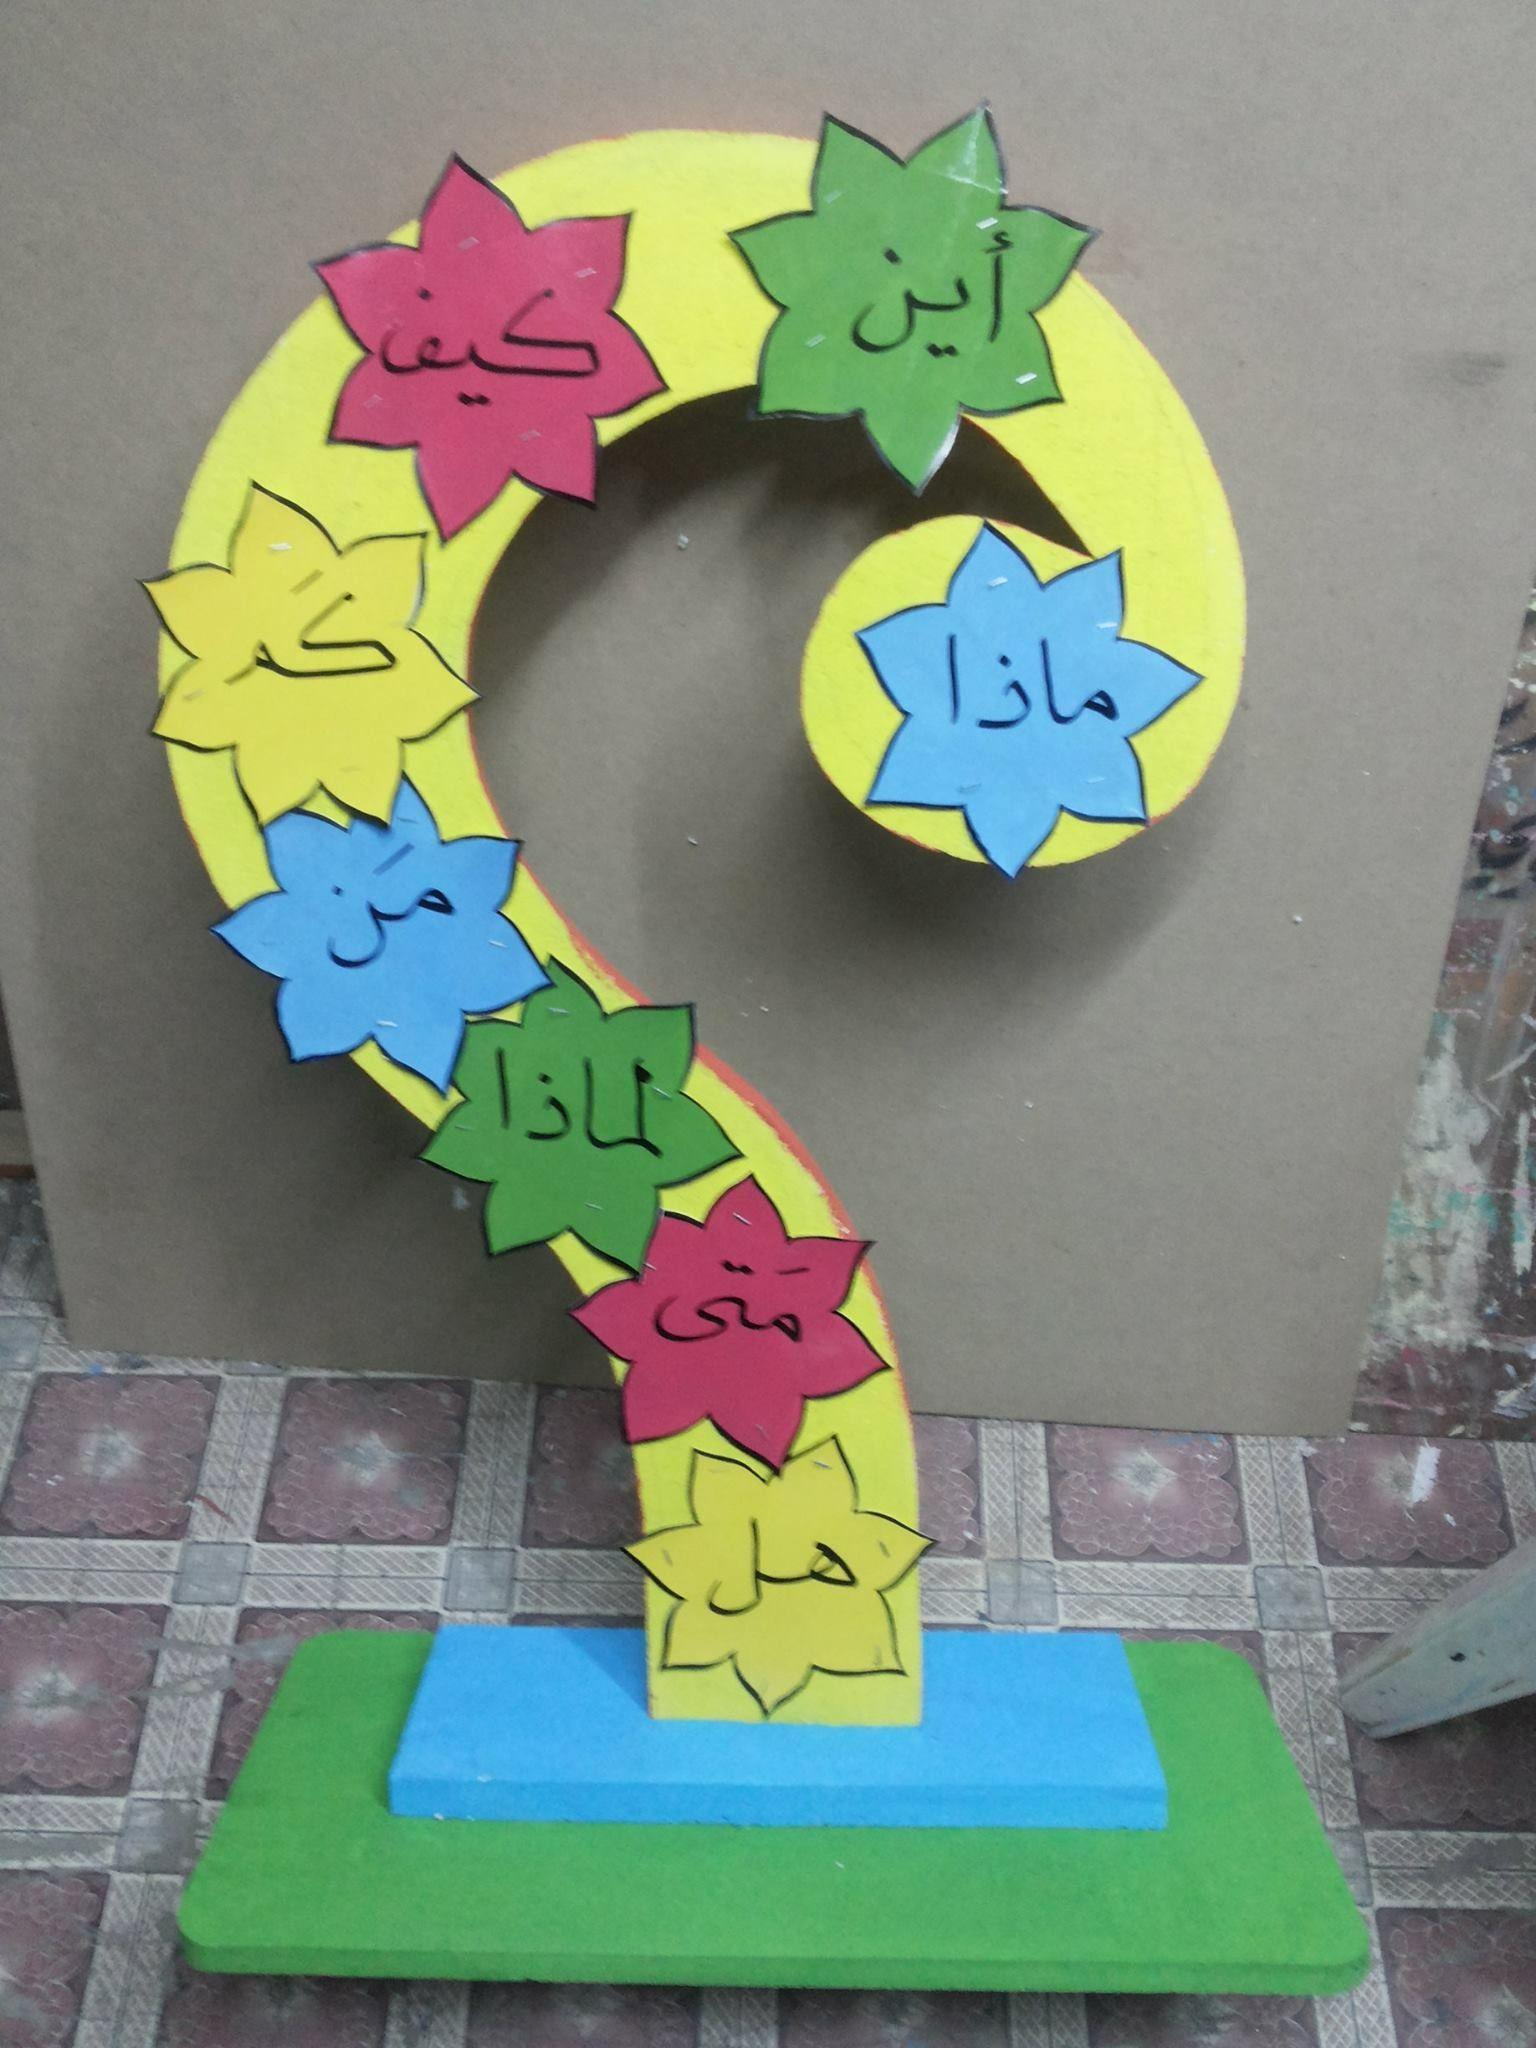 91 اجتماع Microsoft Teams Learn Arabic Alphabet Learn Arabic Online Learning Arabic